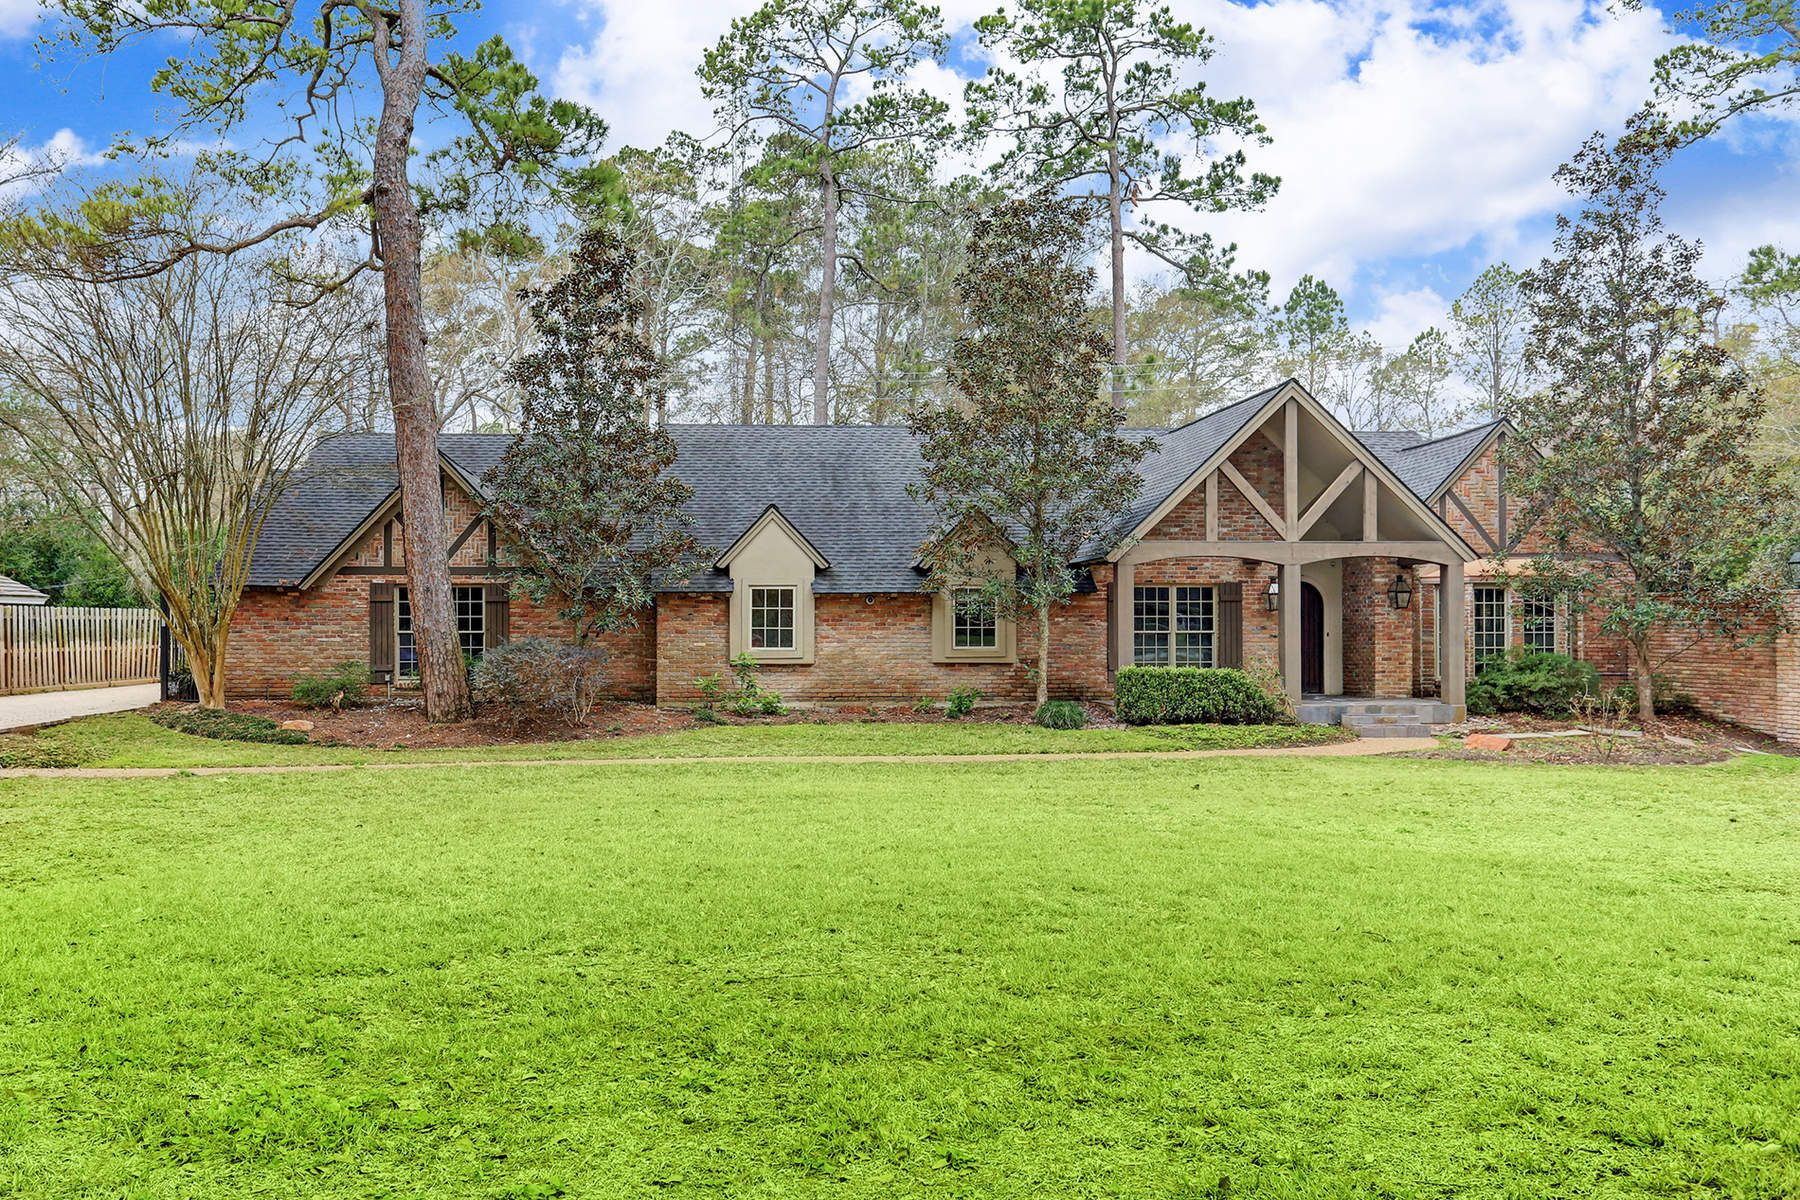 独户住宅 为 销售 在 111 Paul Revere Drive Memorial, 休斯顿, 得克萨斯州, 77024 美国